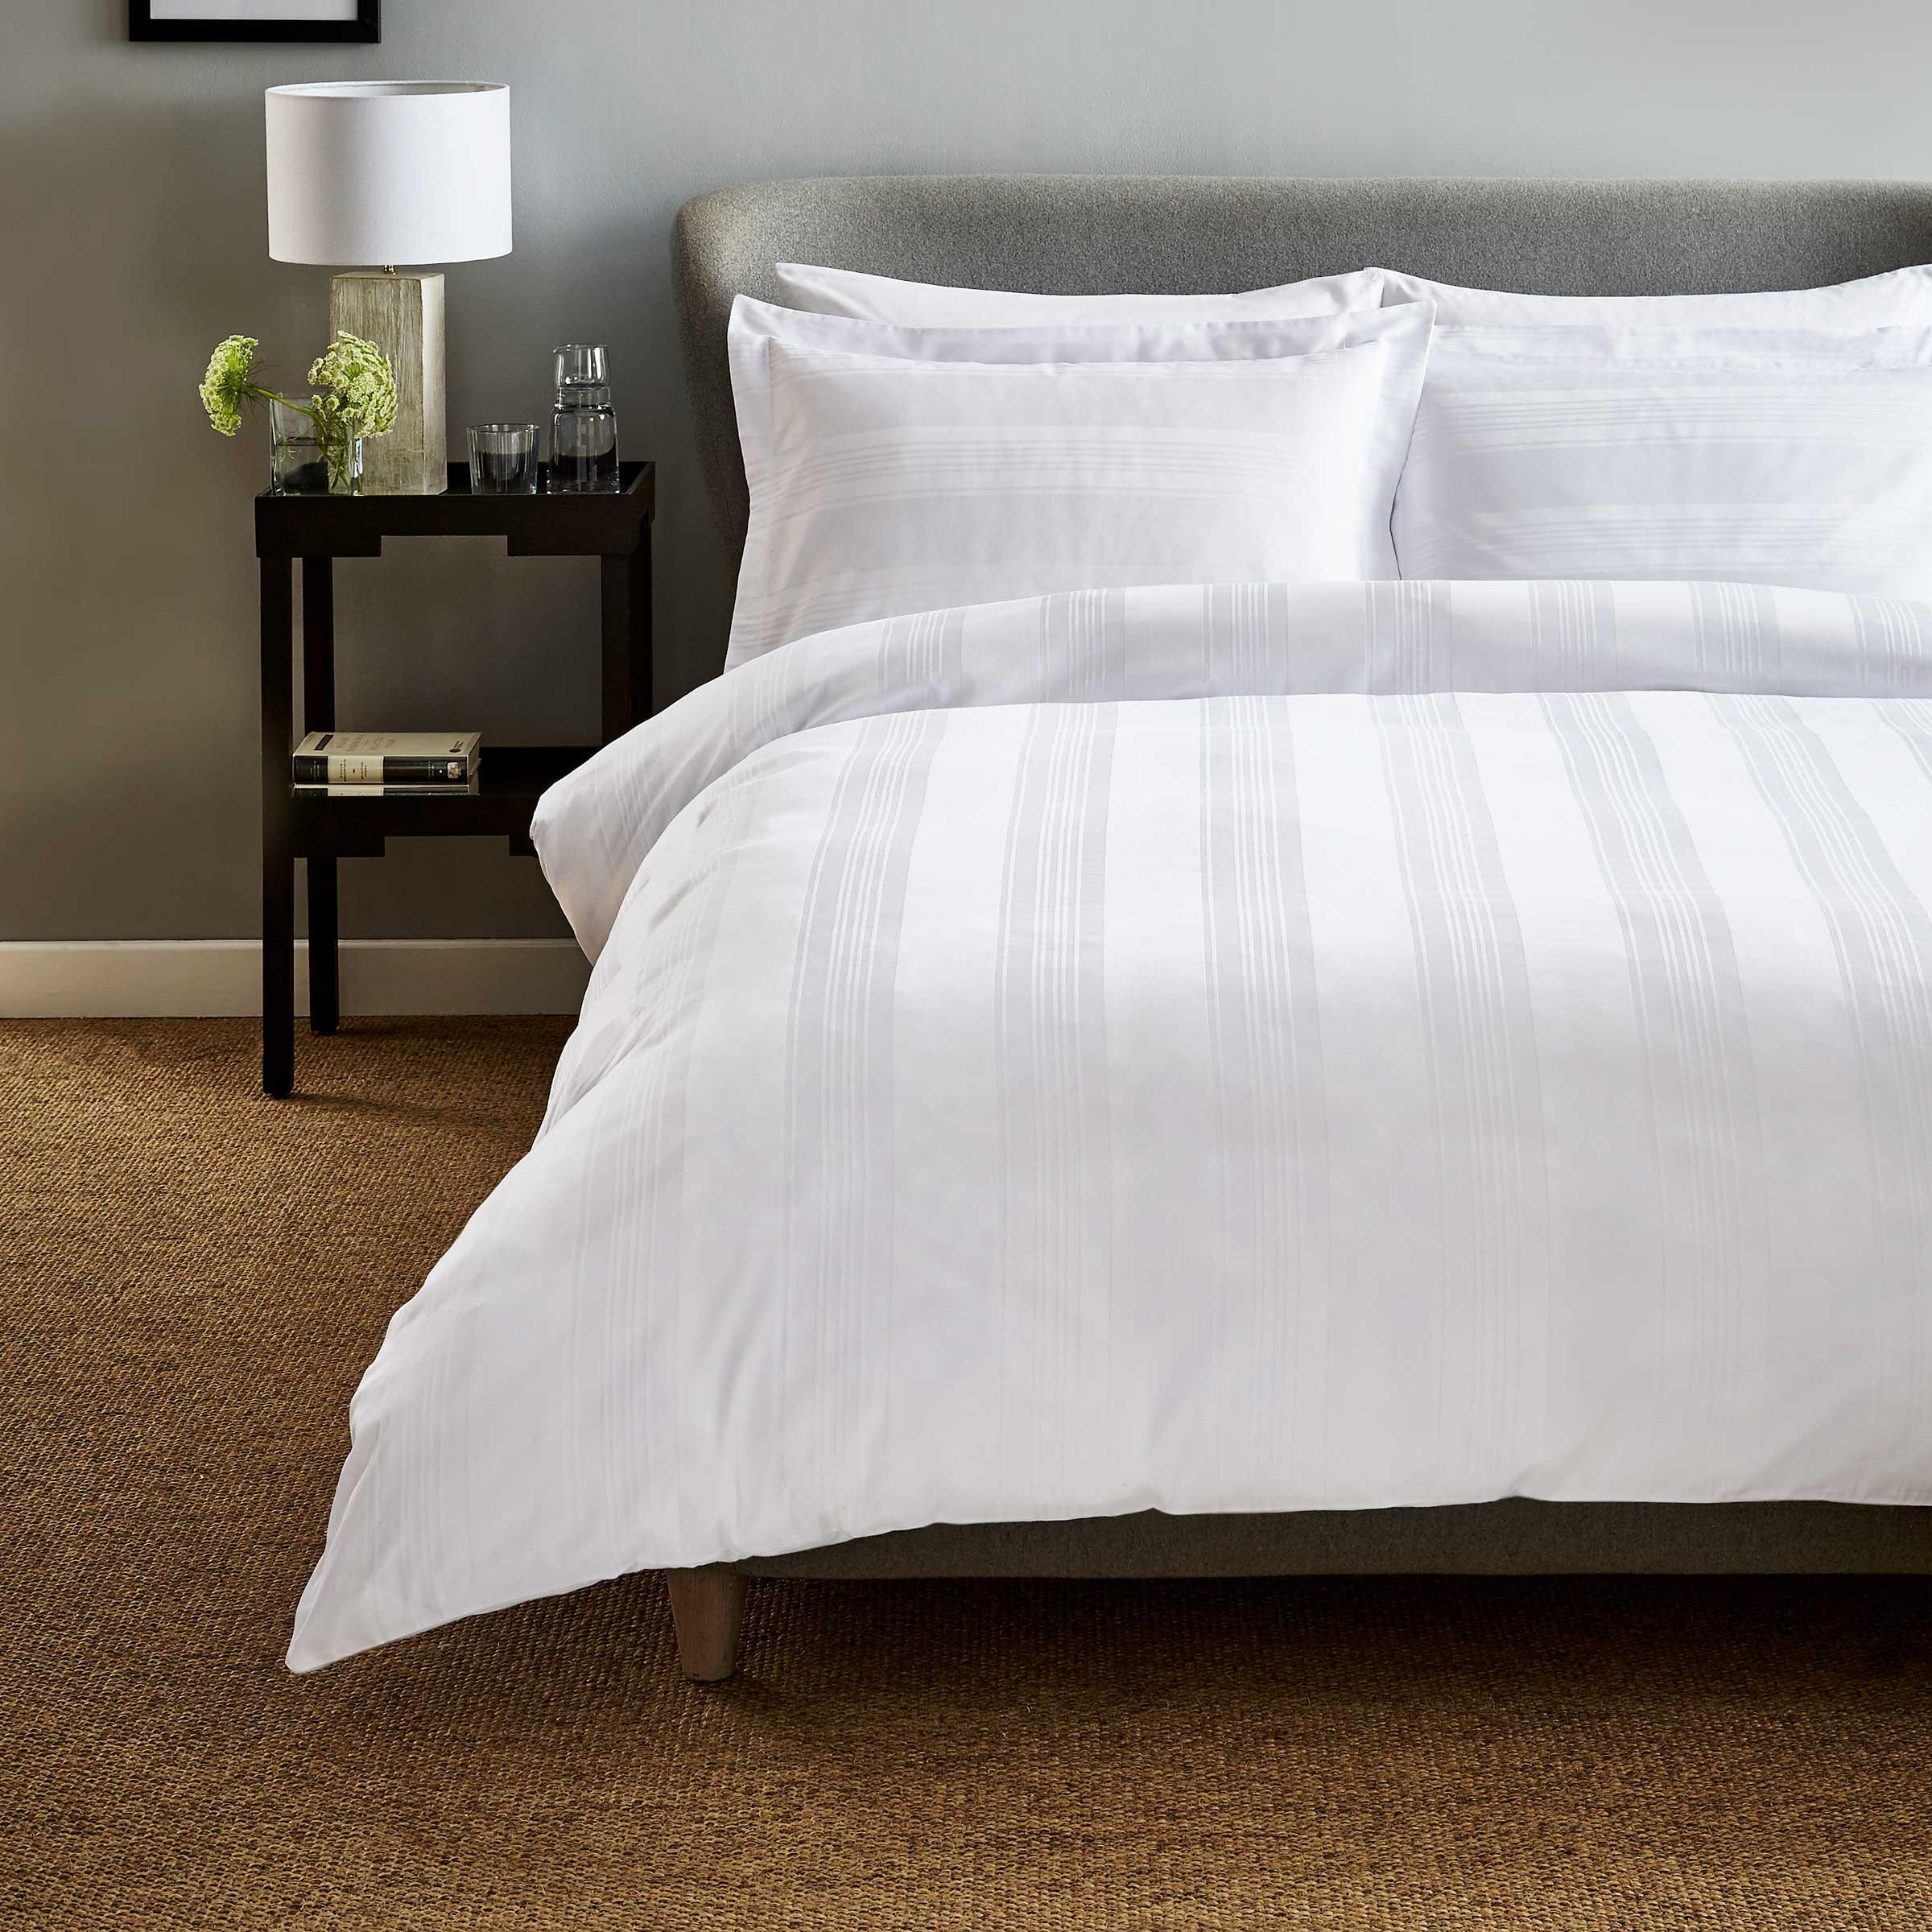 Hotel Bedding Empire Double Duvet Cover White